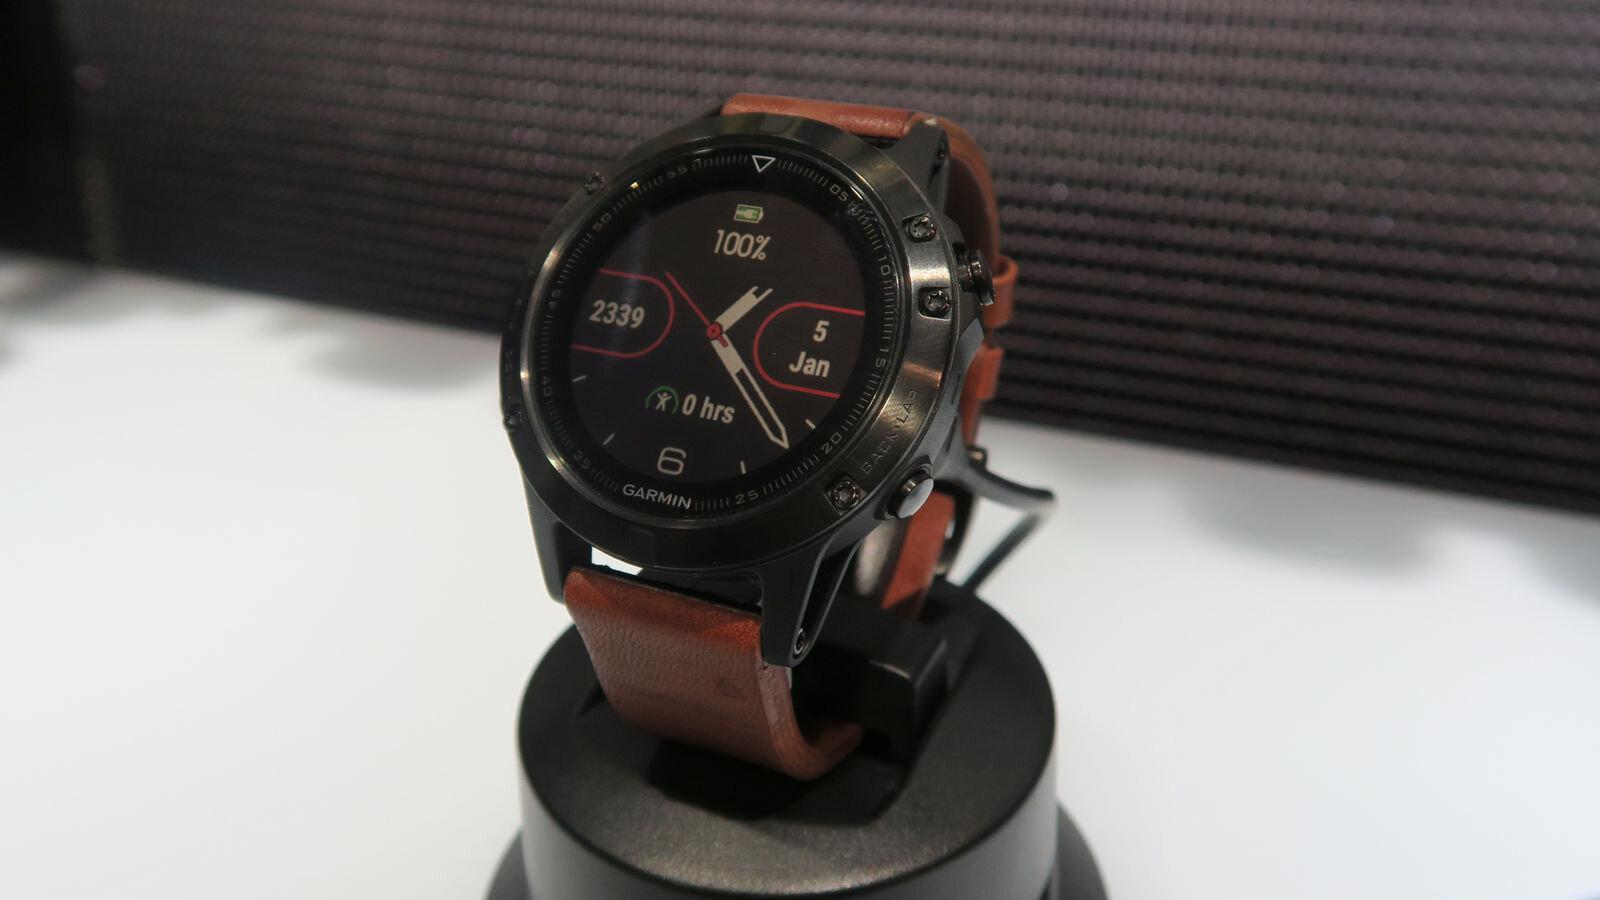 Model Garmin Fenix 5